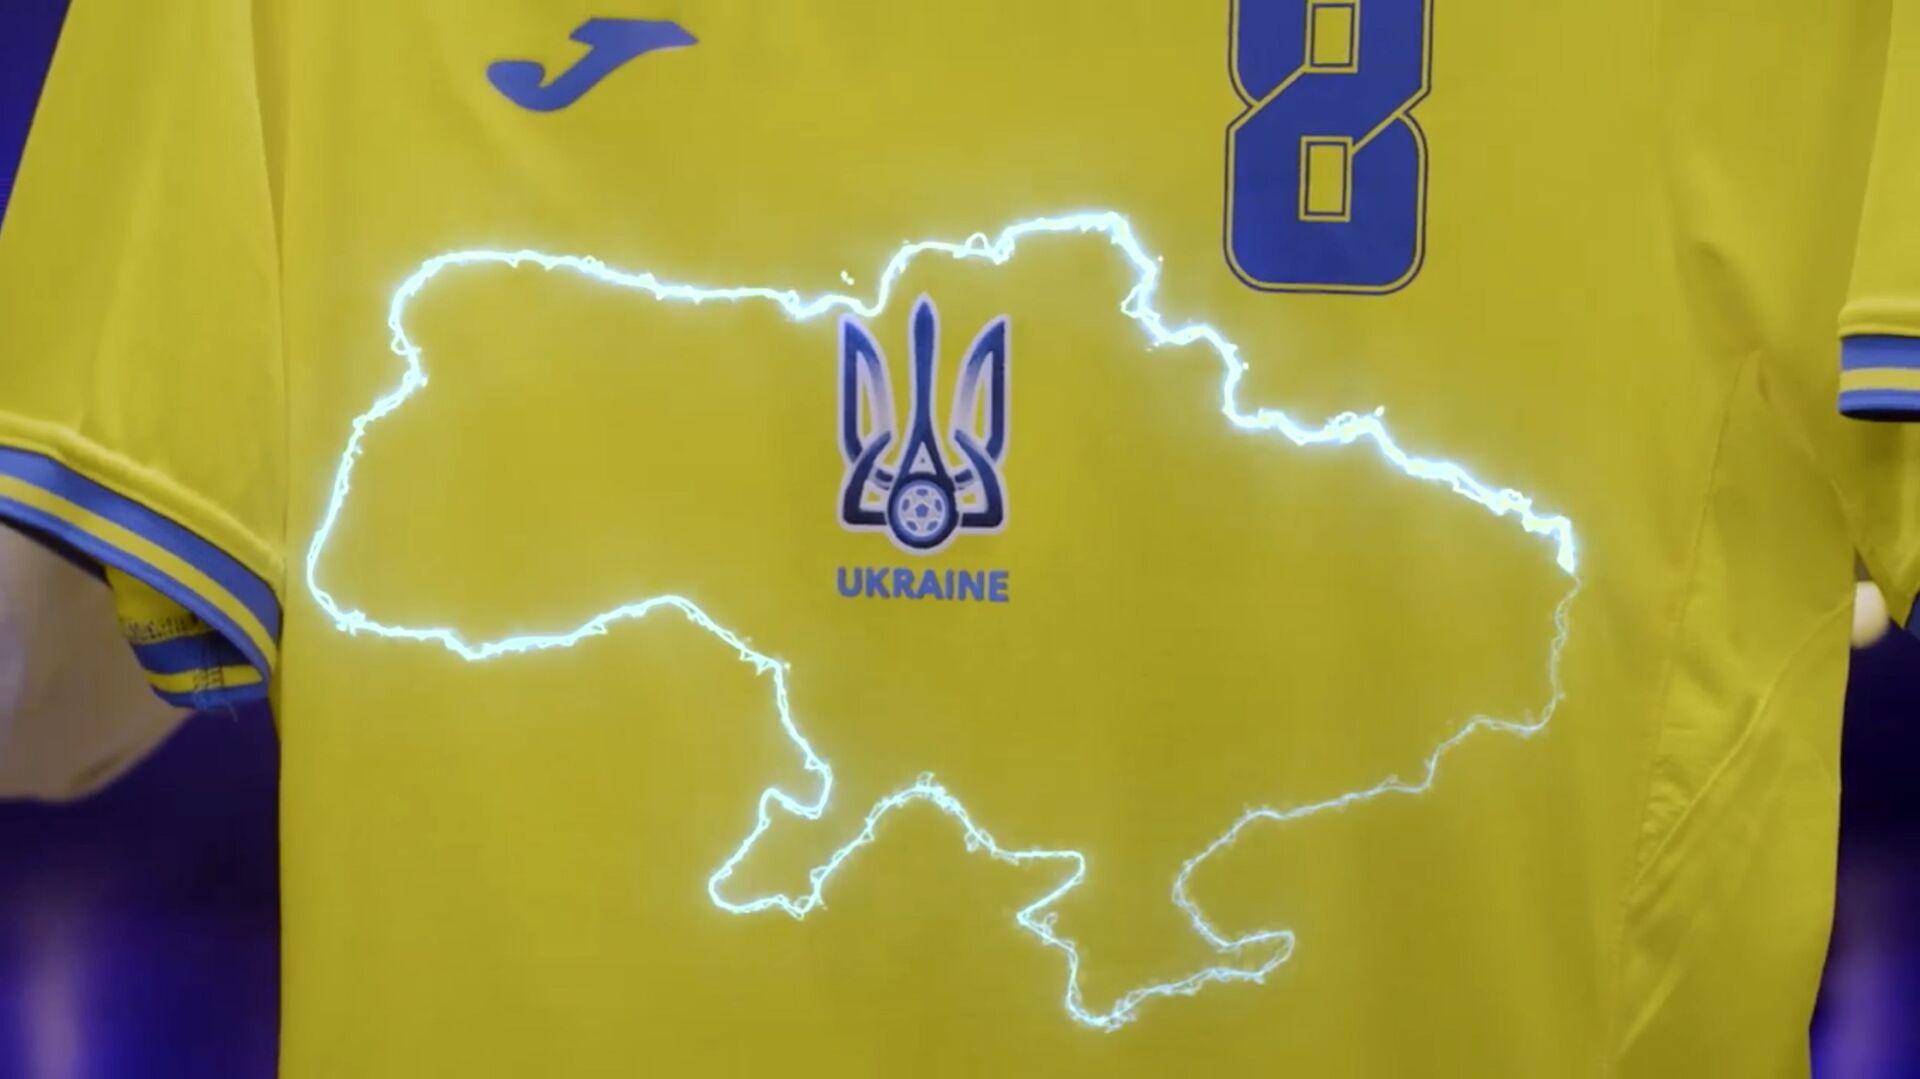 Strój reprezentacji narodowej Ukrainy w piłce nożnej      - Sputnik Polska, 1920, 18.08.2021